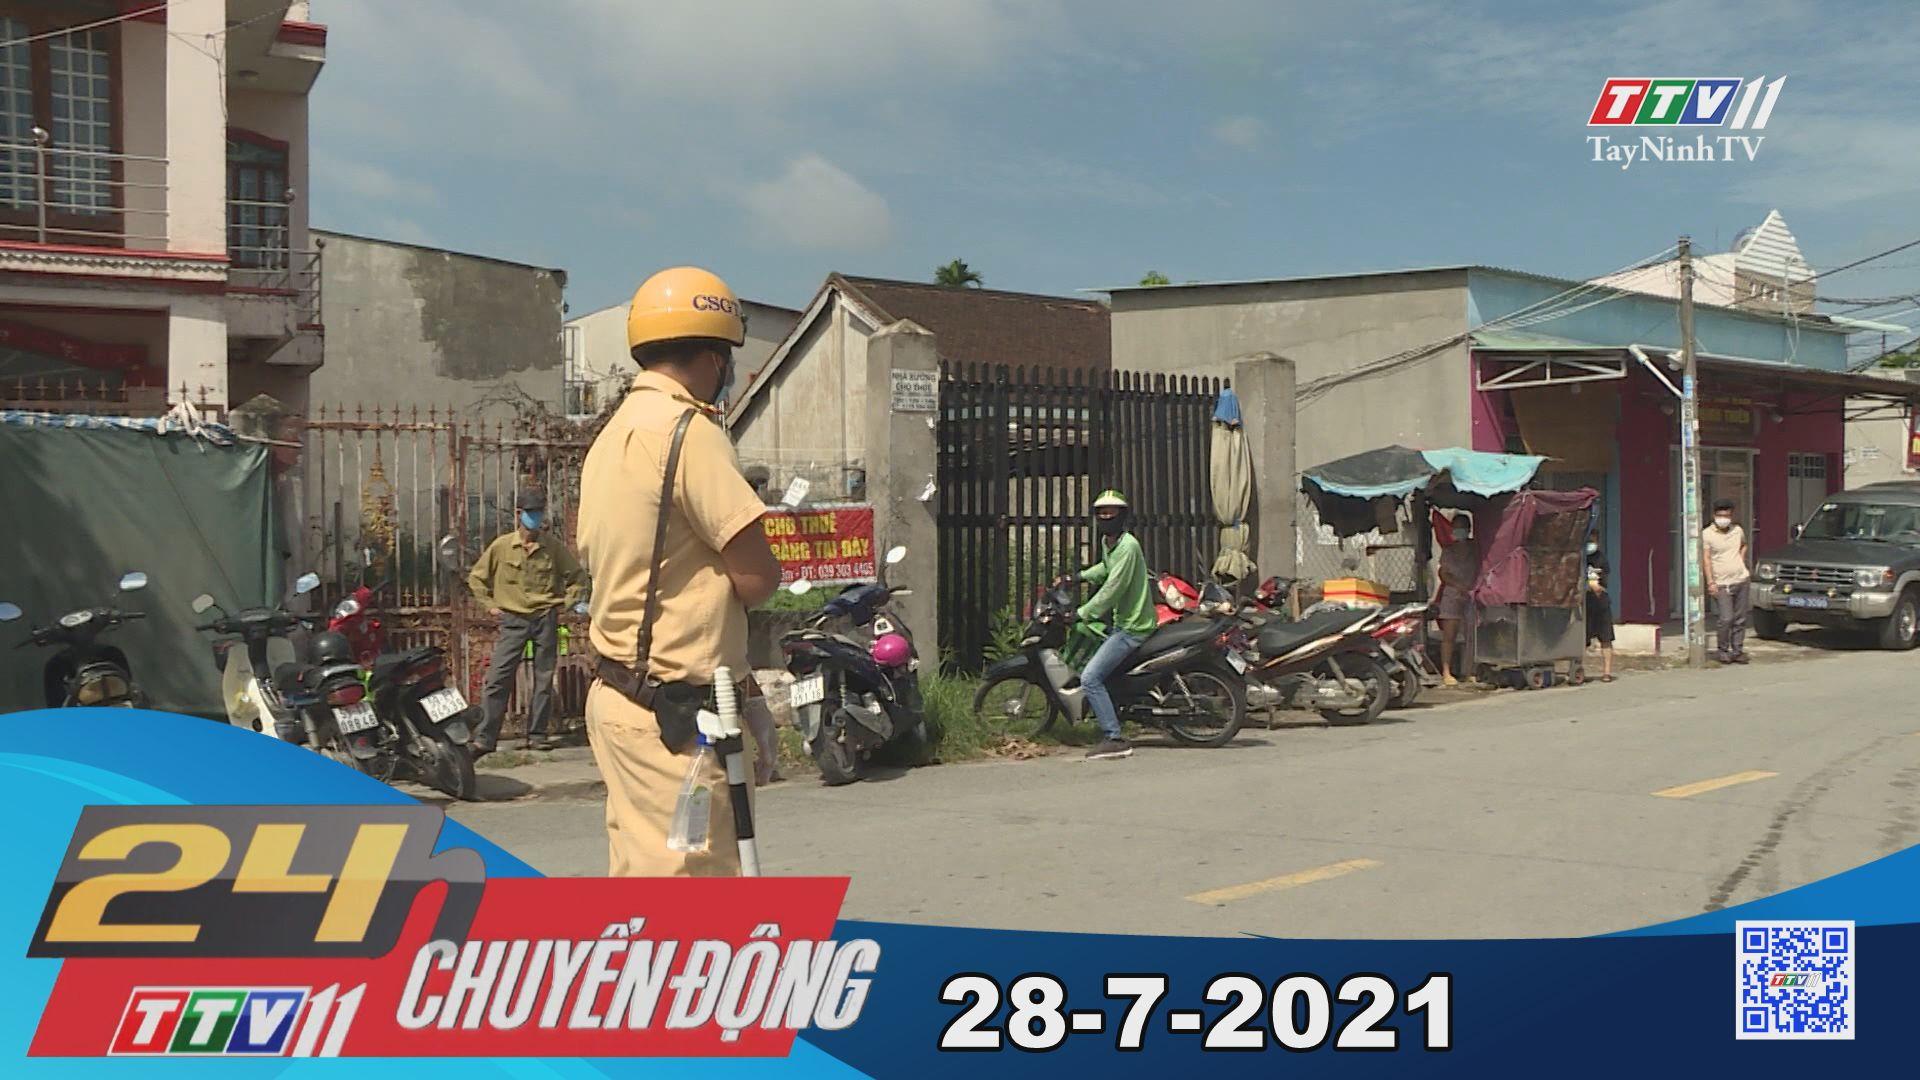 24h Chuyển động 28-7-2021 | Tin tức hôm nay | TayNinhTV